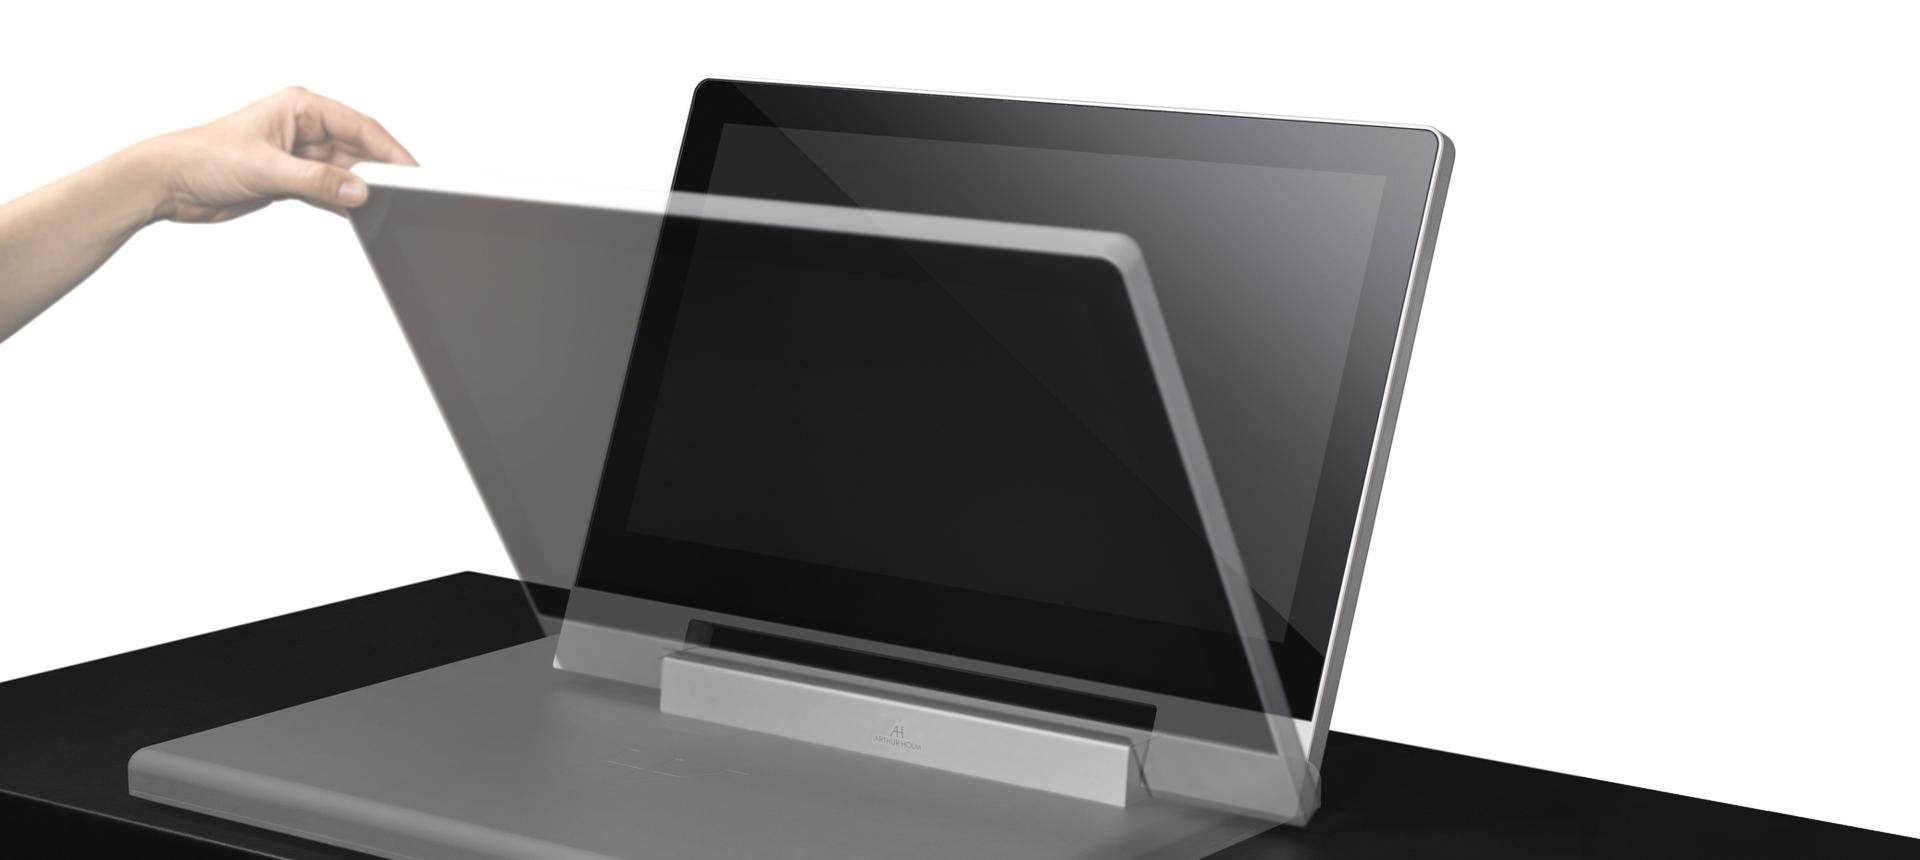 Scrivania Con Monitor A Scomparsa.Monitor Design Pieghevole Manualmente Ah2 Di Arthur Holm